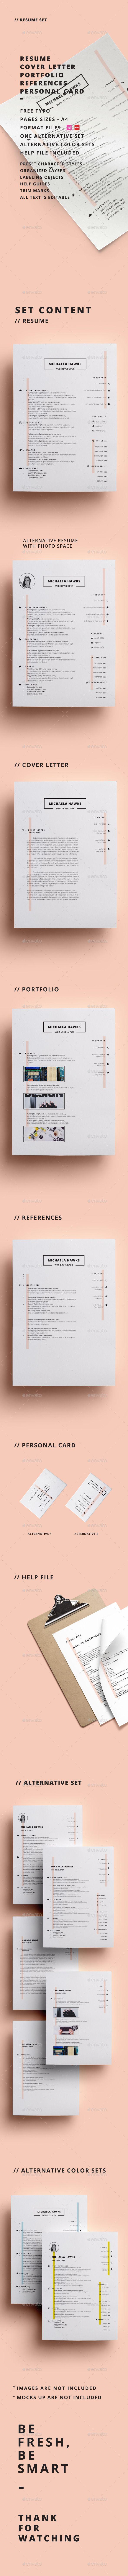 The Resume | Diseño editorial, Editorial y Cartelitos